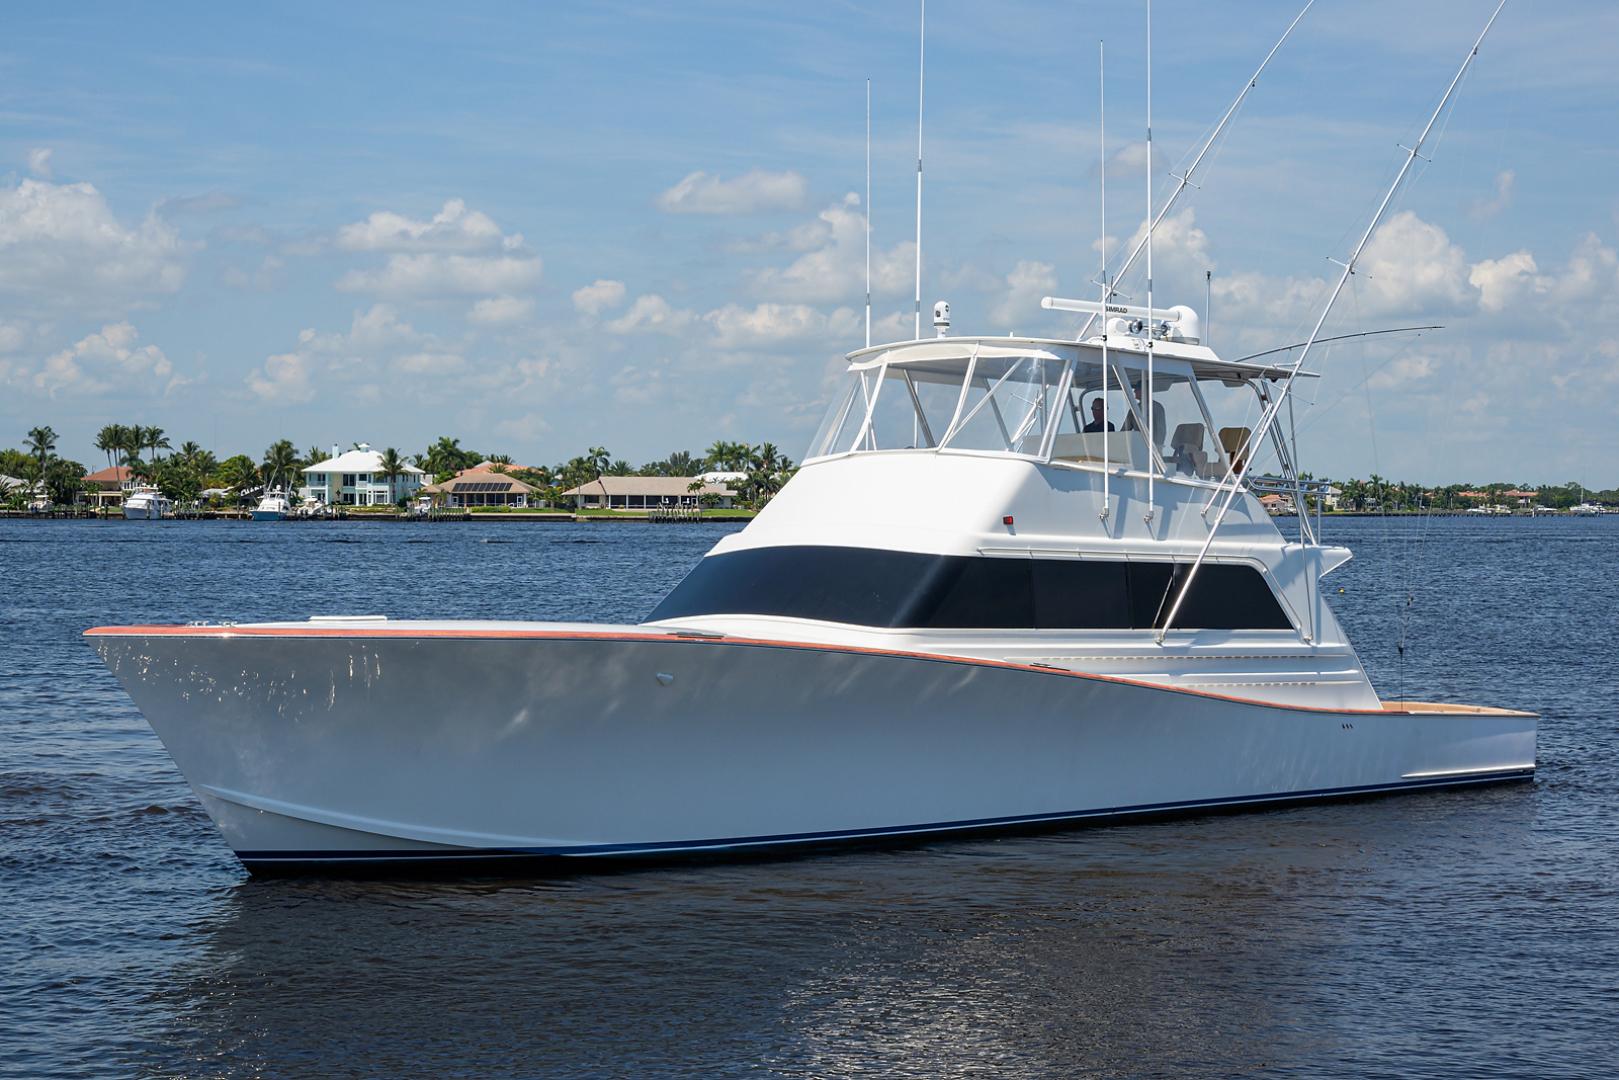 Monterey-Sportfish 1991-Lady Gemini Mantoloking-New Jersey-United States-Lady Gemini_bow_profile_5-1451151 | Thumbnail